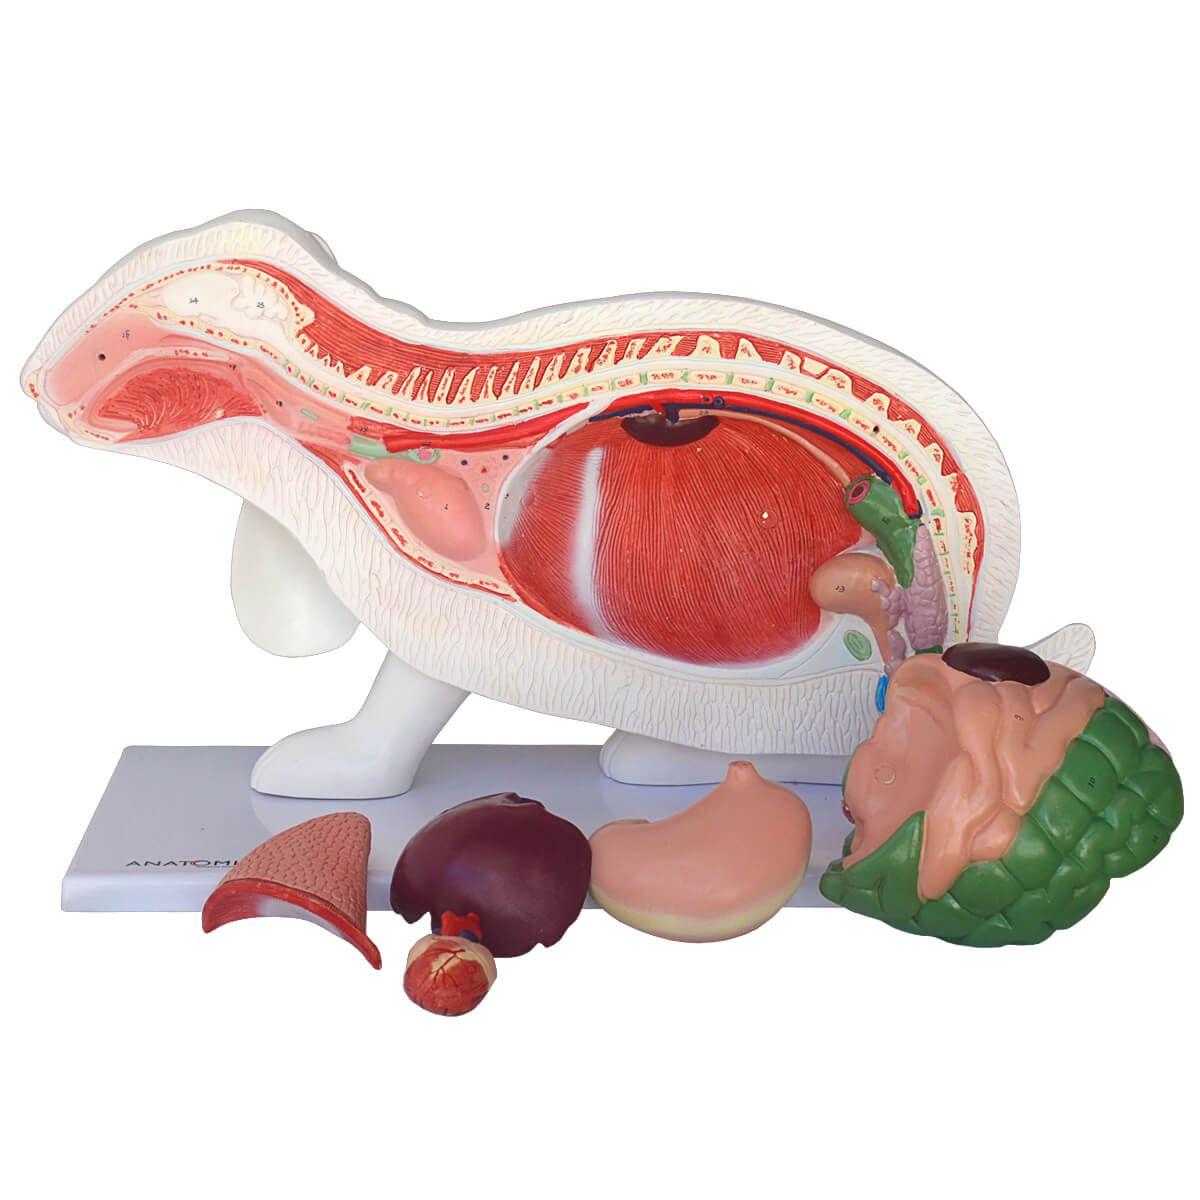 Anatomia do Coelho